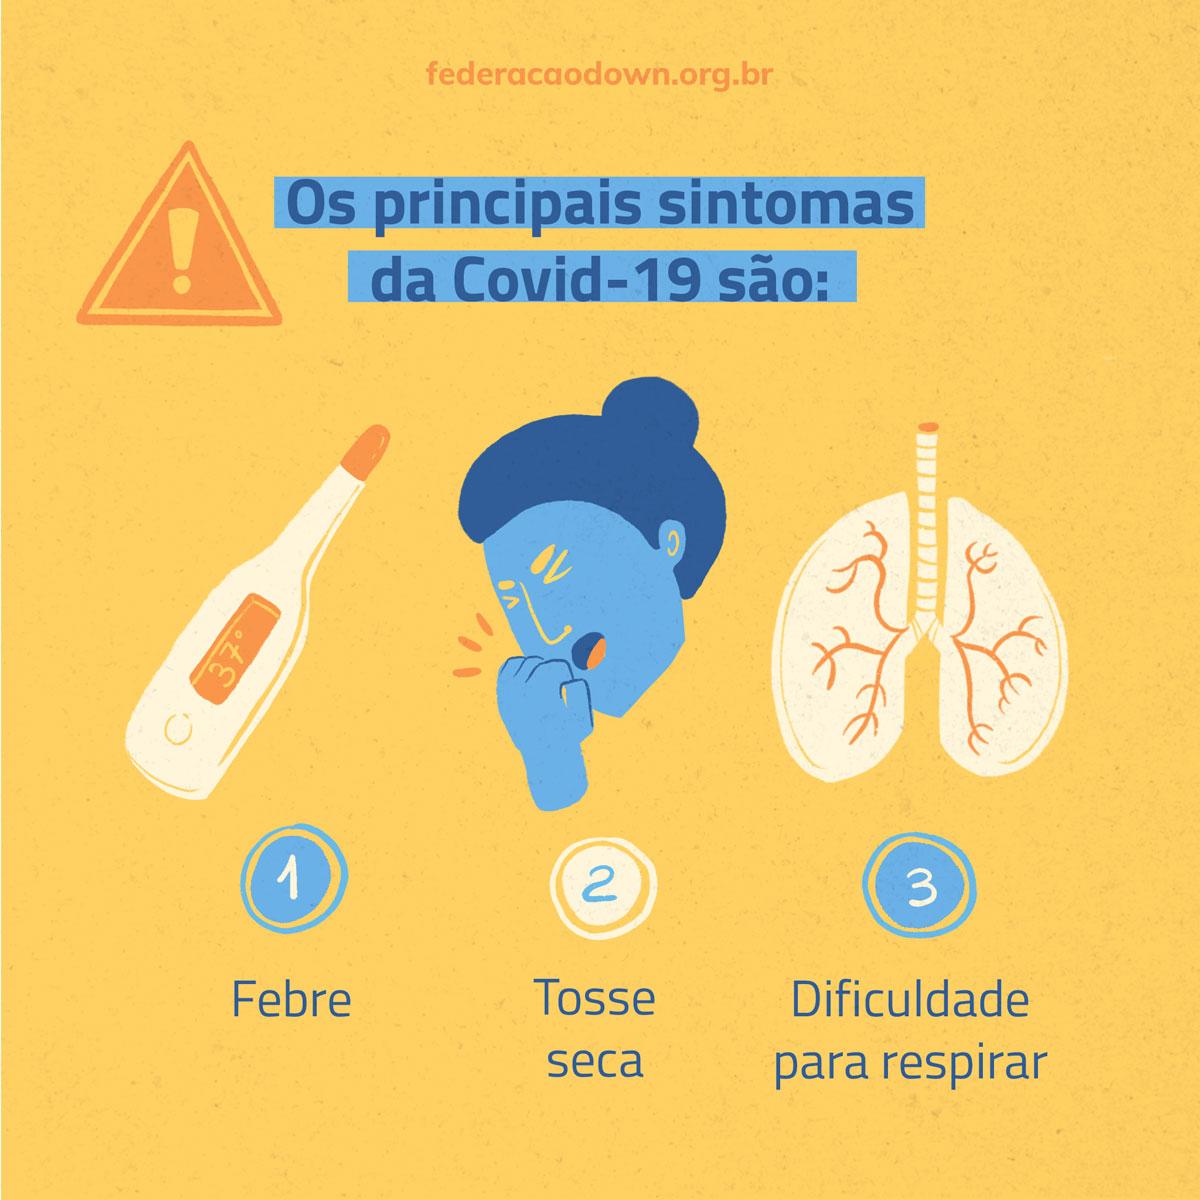 """Imagem: sobre fundo amarelo aparecem (de cima para baixo): o site federacaodown.org.br seguido por um ponto de exclamação ao lado da frase: """"Os principais sintomas da Covid-19 são:"""". Abaixo aparecem três ilustrações, a primeira delas é um termômetro que marca 37 graus com a indicação do número 1 e a palavra """"febre""""; a segunda uma pessoa tossindo com a indicação do número 2 e o sintoma """"tosse seca""""; e, por último, um pulmão com a indicação do número 3 e a expressão """"dificuldade para respirar""""."""